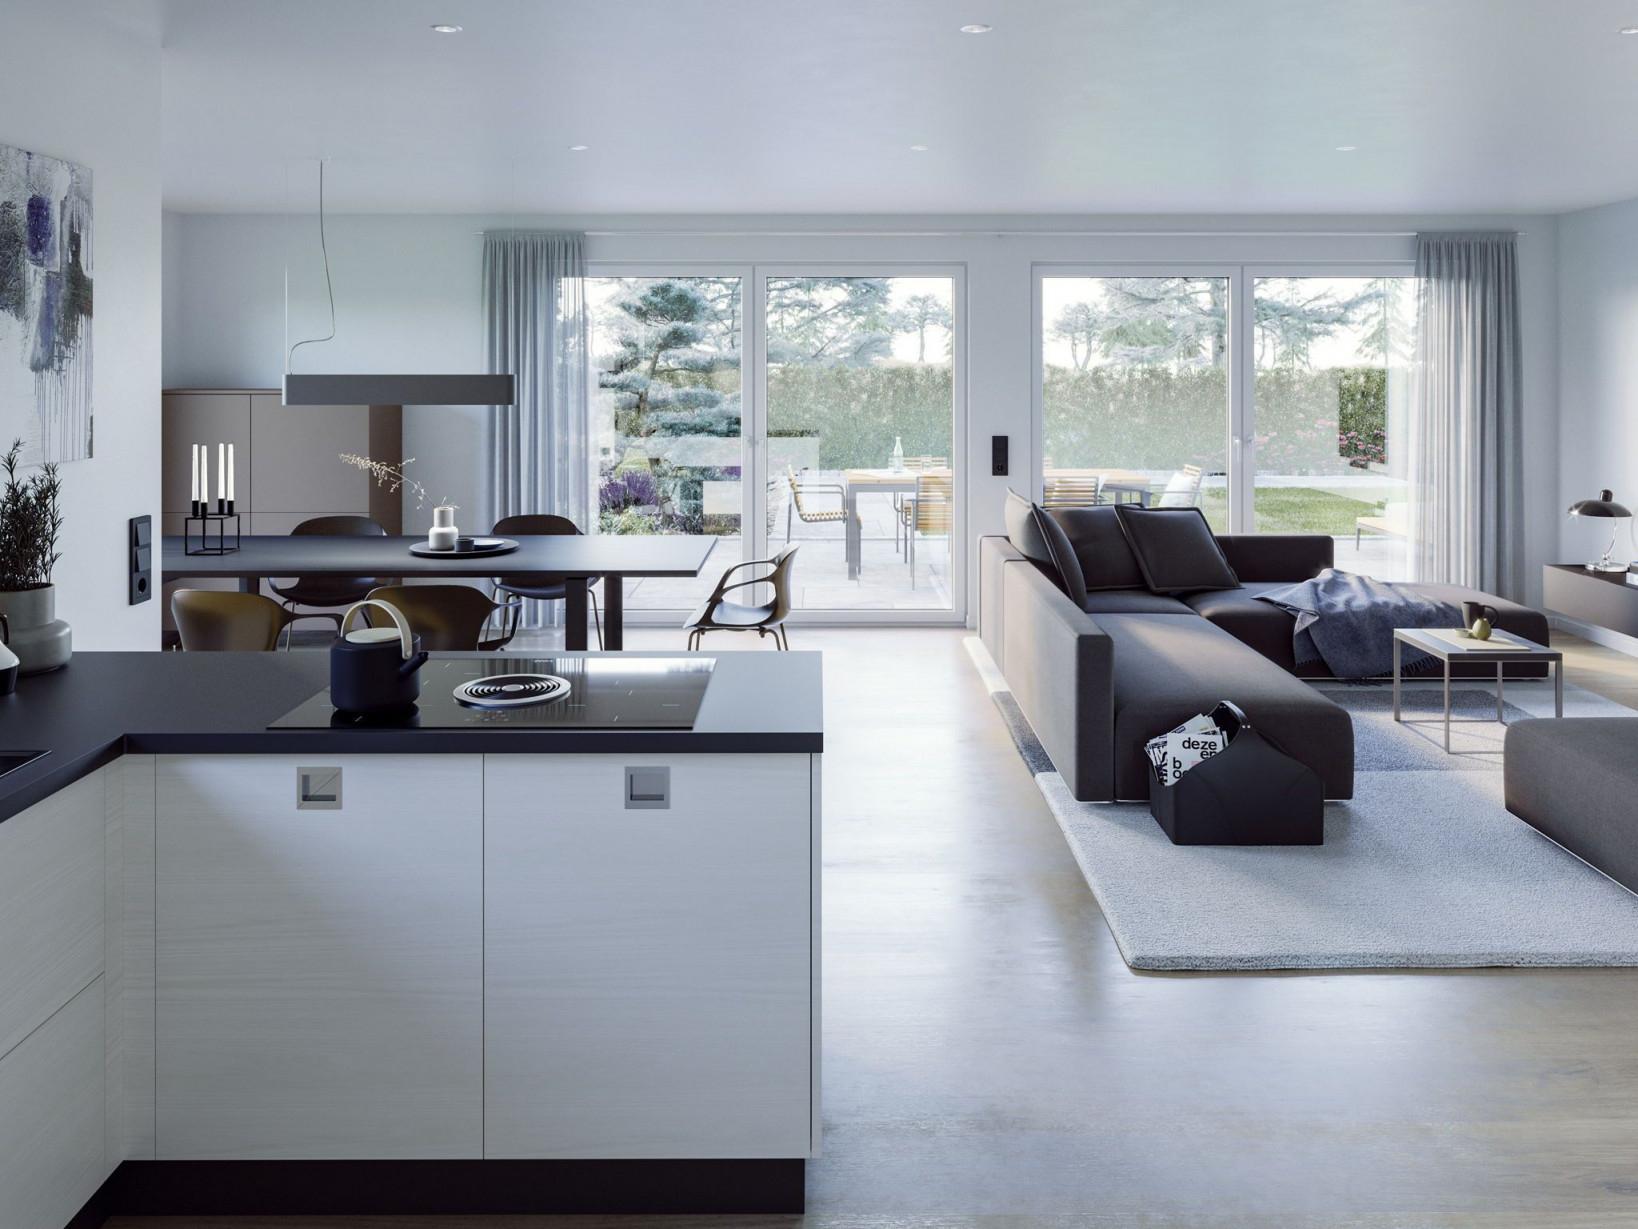 Modernes Wohnen Mit Offener Küche Wohnzimmer  Esszimmer von Wohnzimmer Mit Offener Küche Bilder Bild